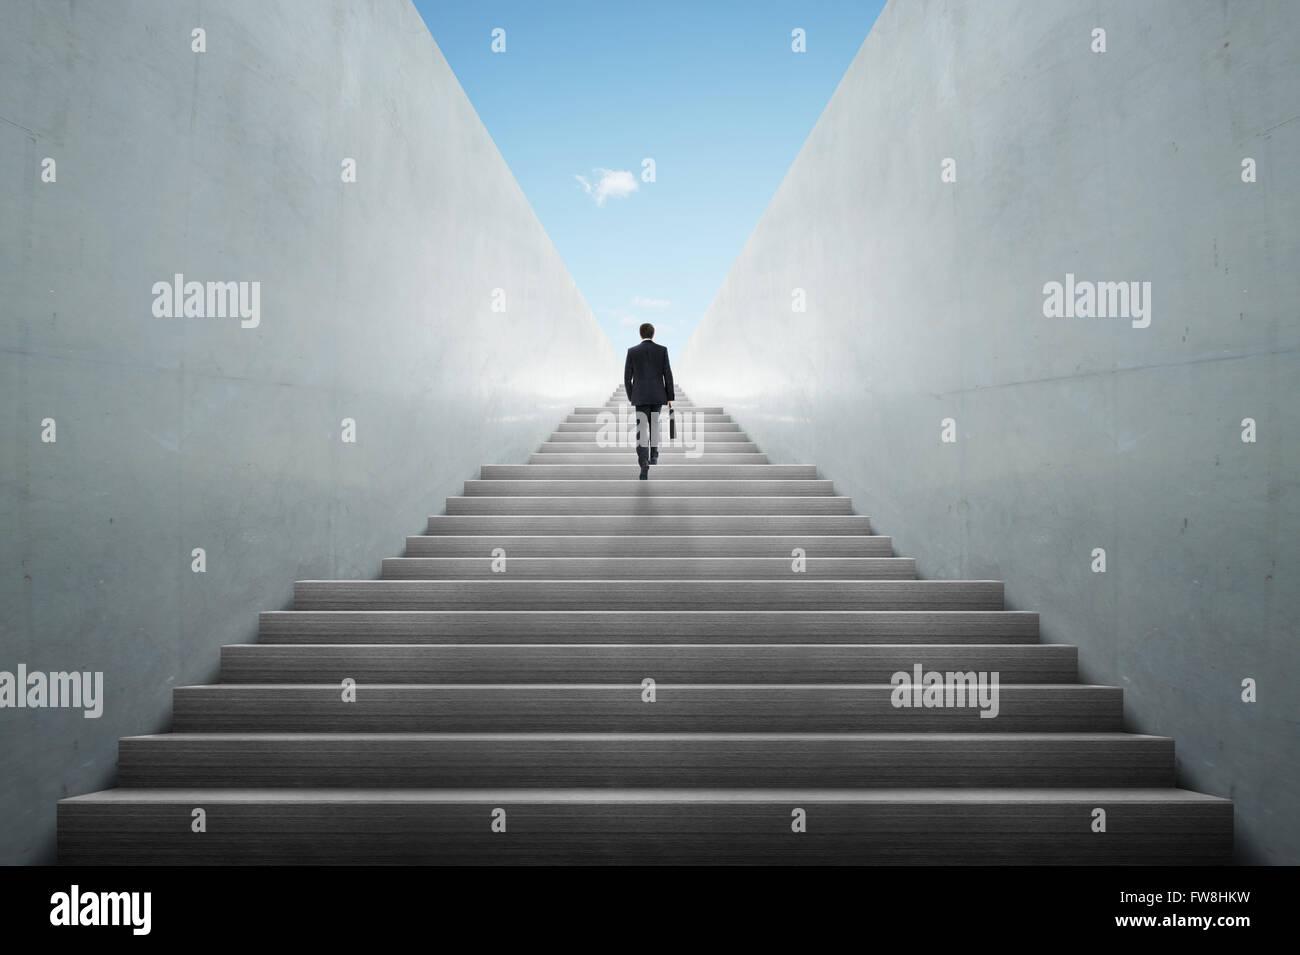 Ambitionen Konzept mit Geschäftsmann Treppensteigen Stockbild